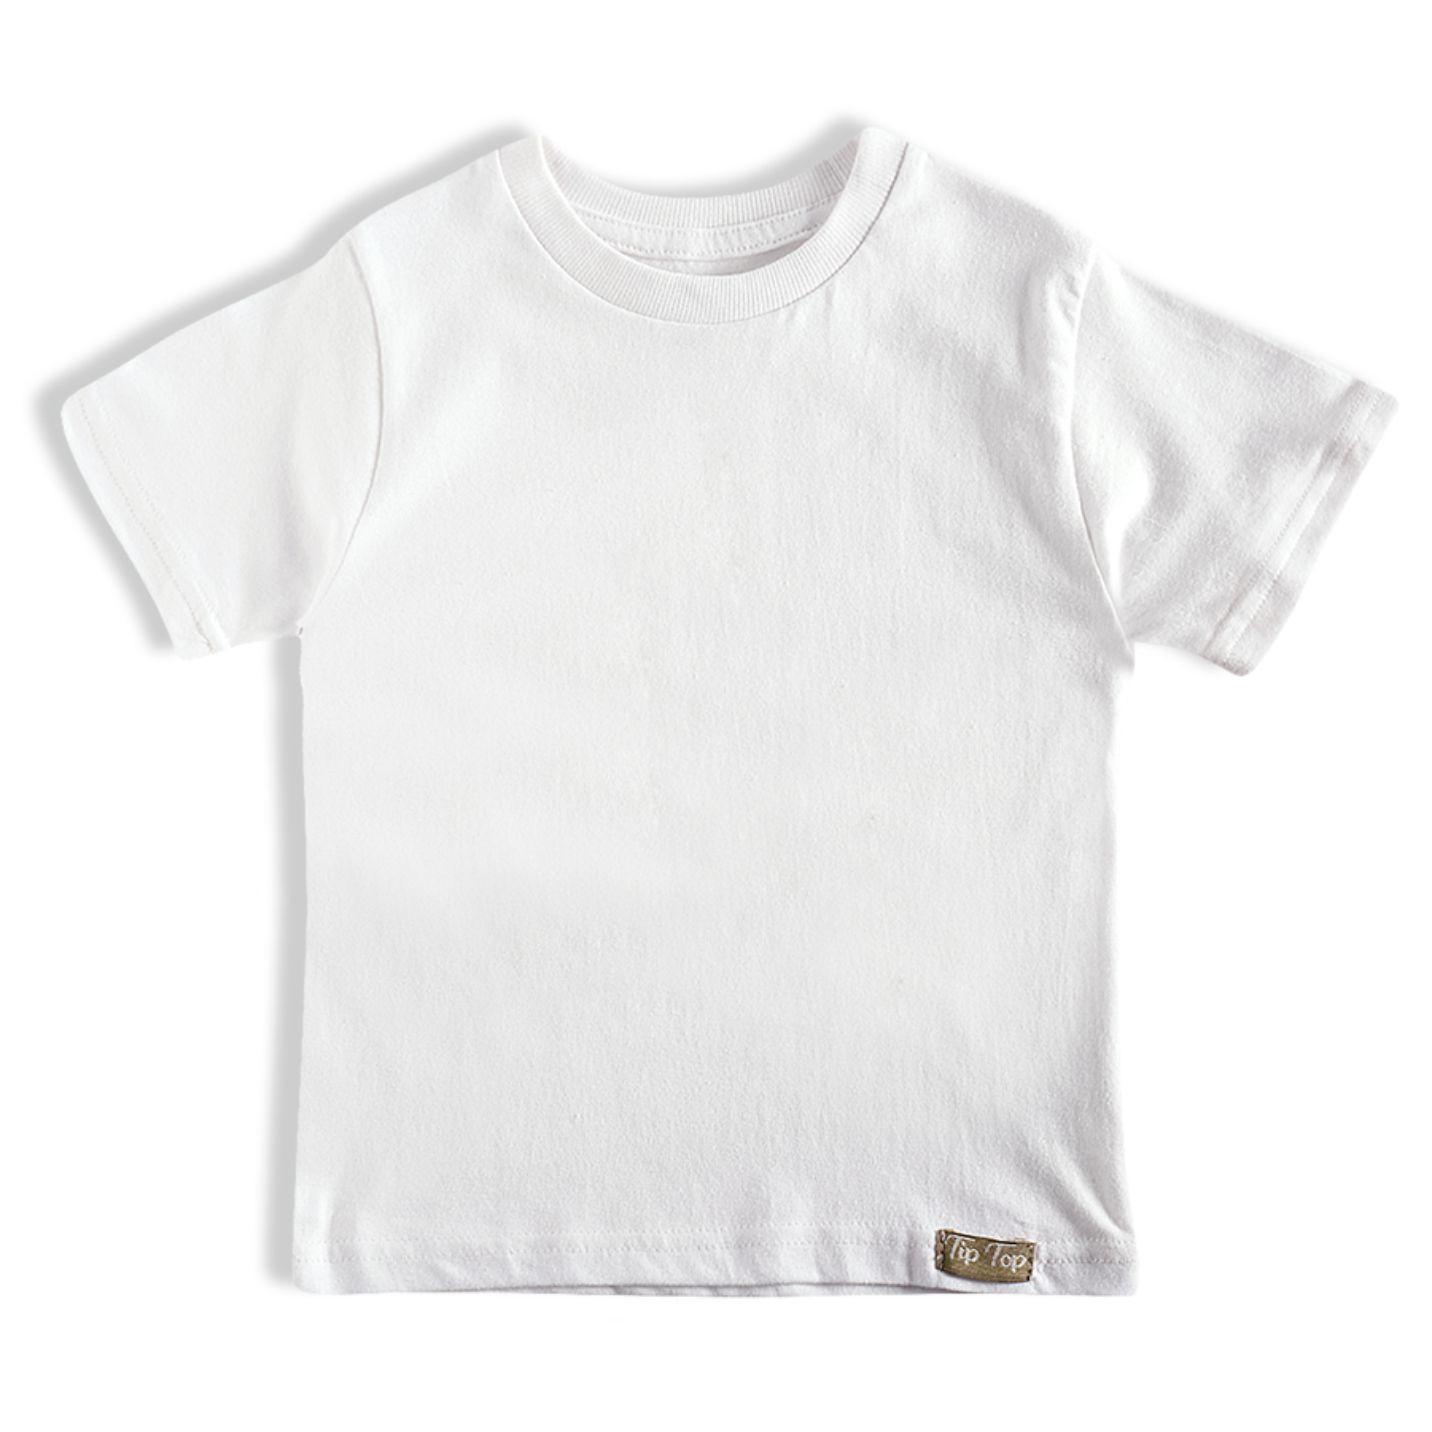 Camiseta Manga Curta Branca/Tam:1t/TipTop